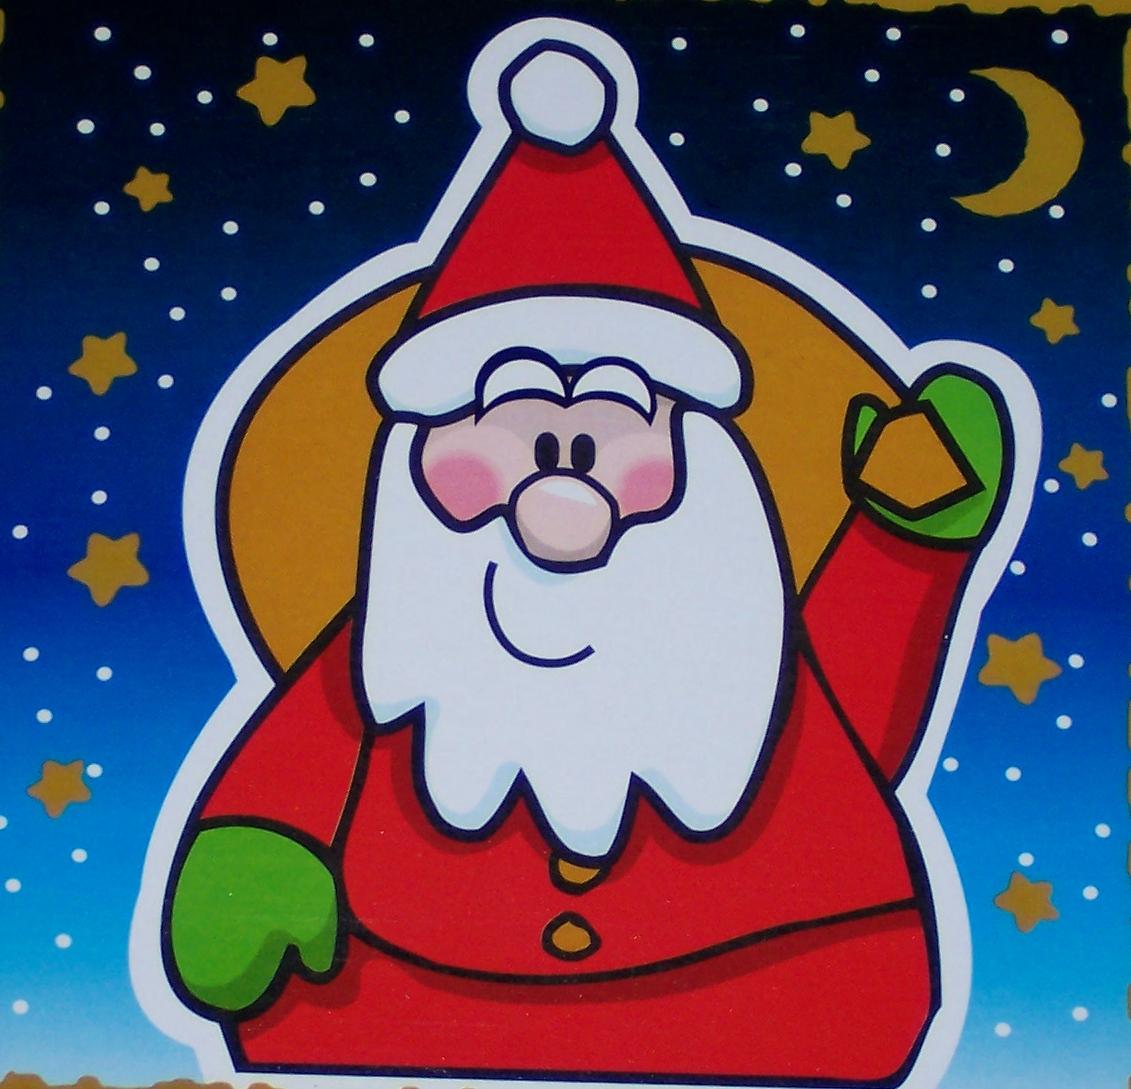 神秘聖誕老人支付賓州小學生午餐